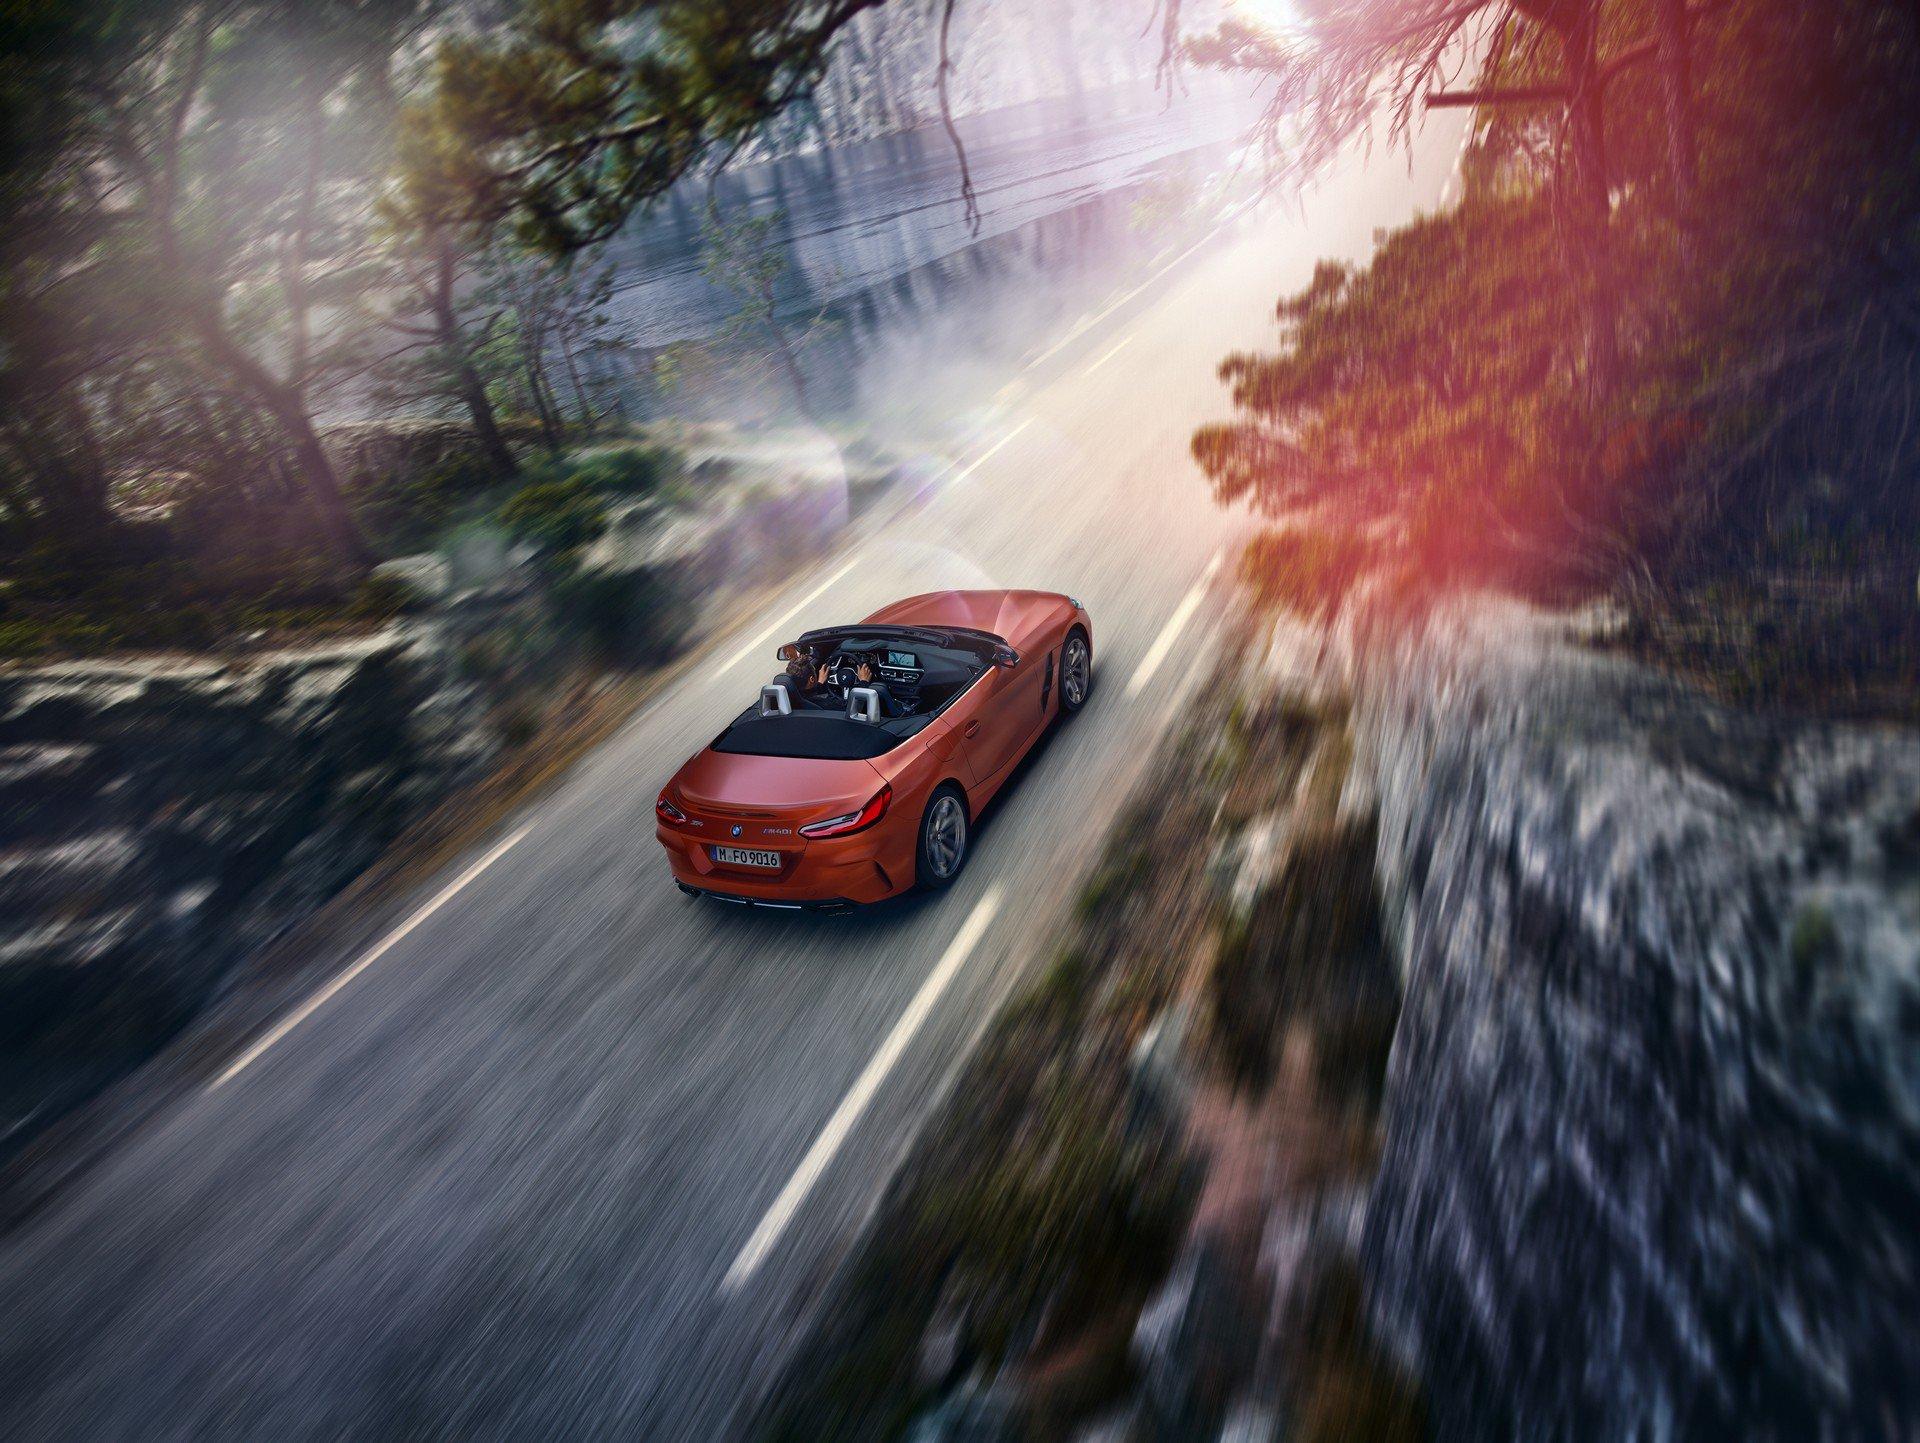 رونمایی از Z4 بامو مدل 2019